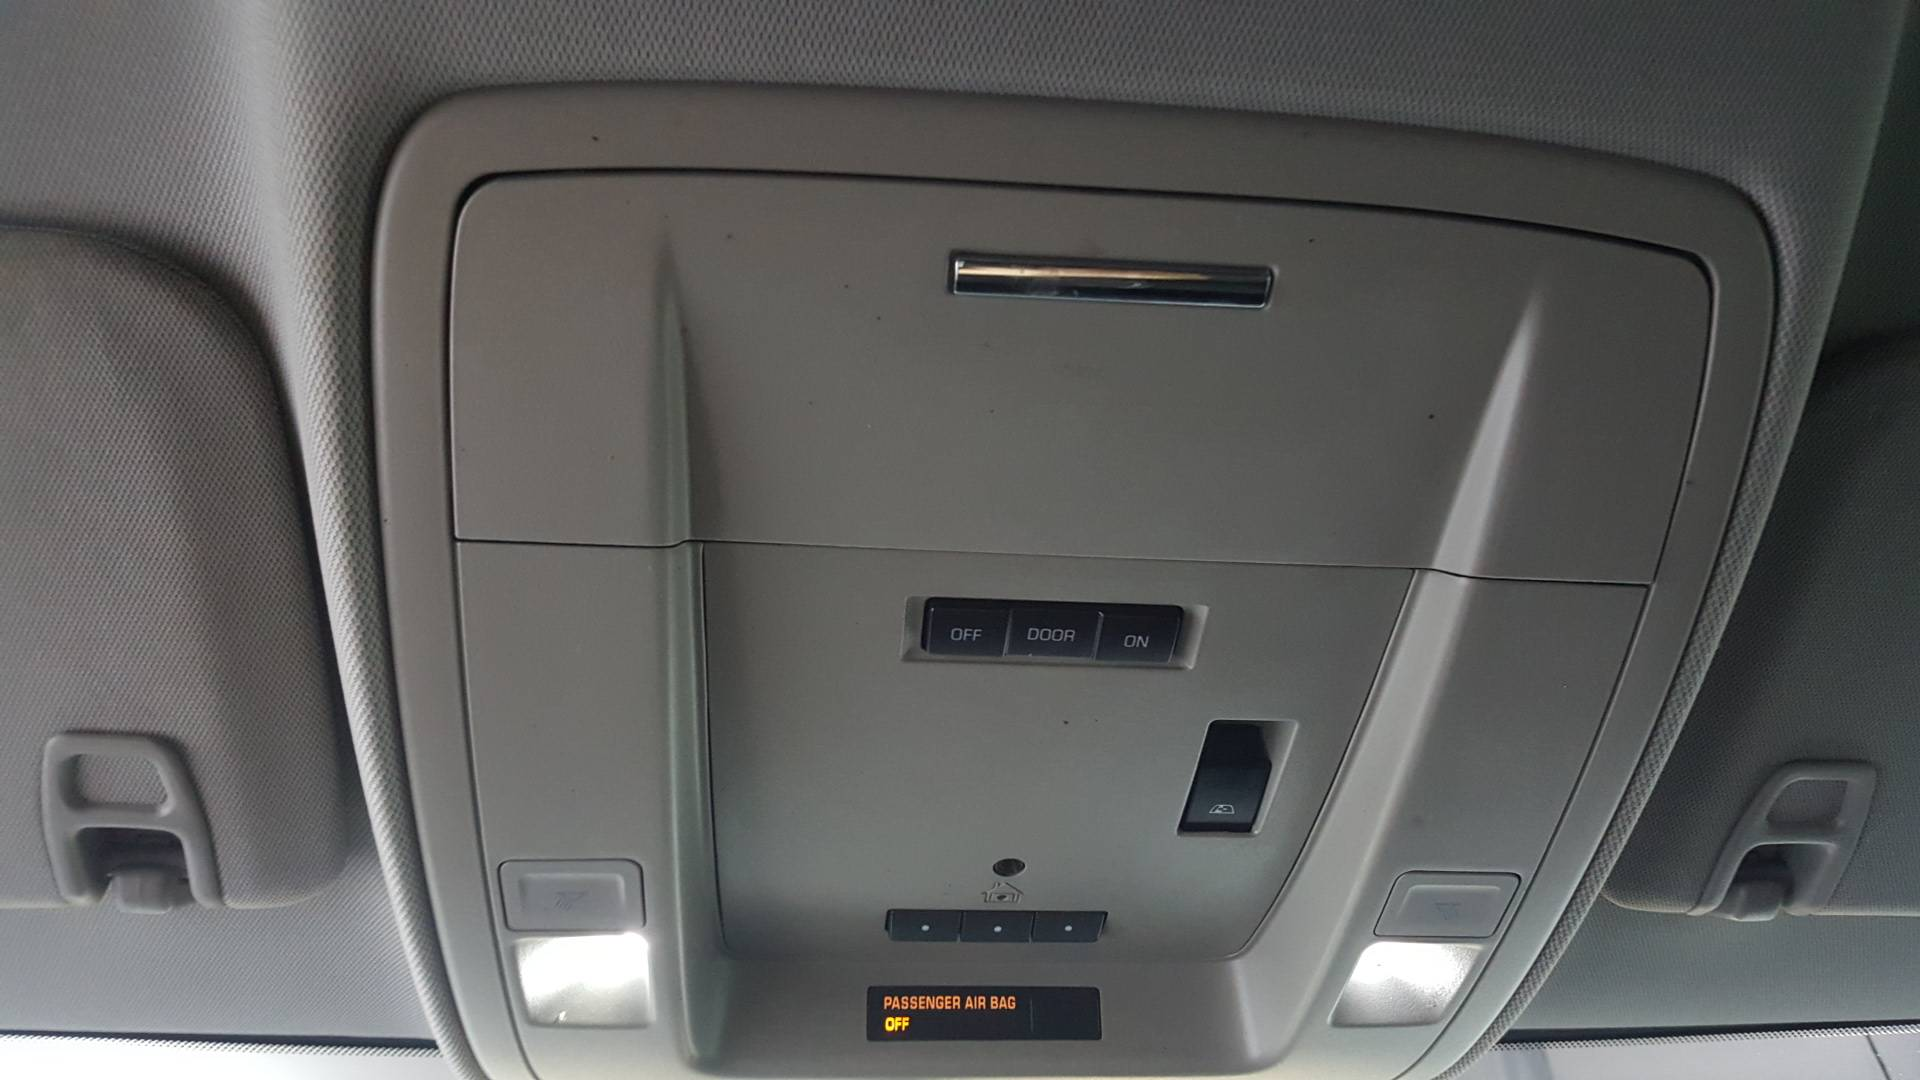 2014 Chevrolet Silverado 1500 Short Bed